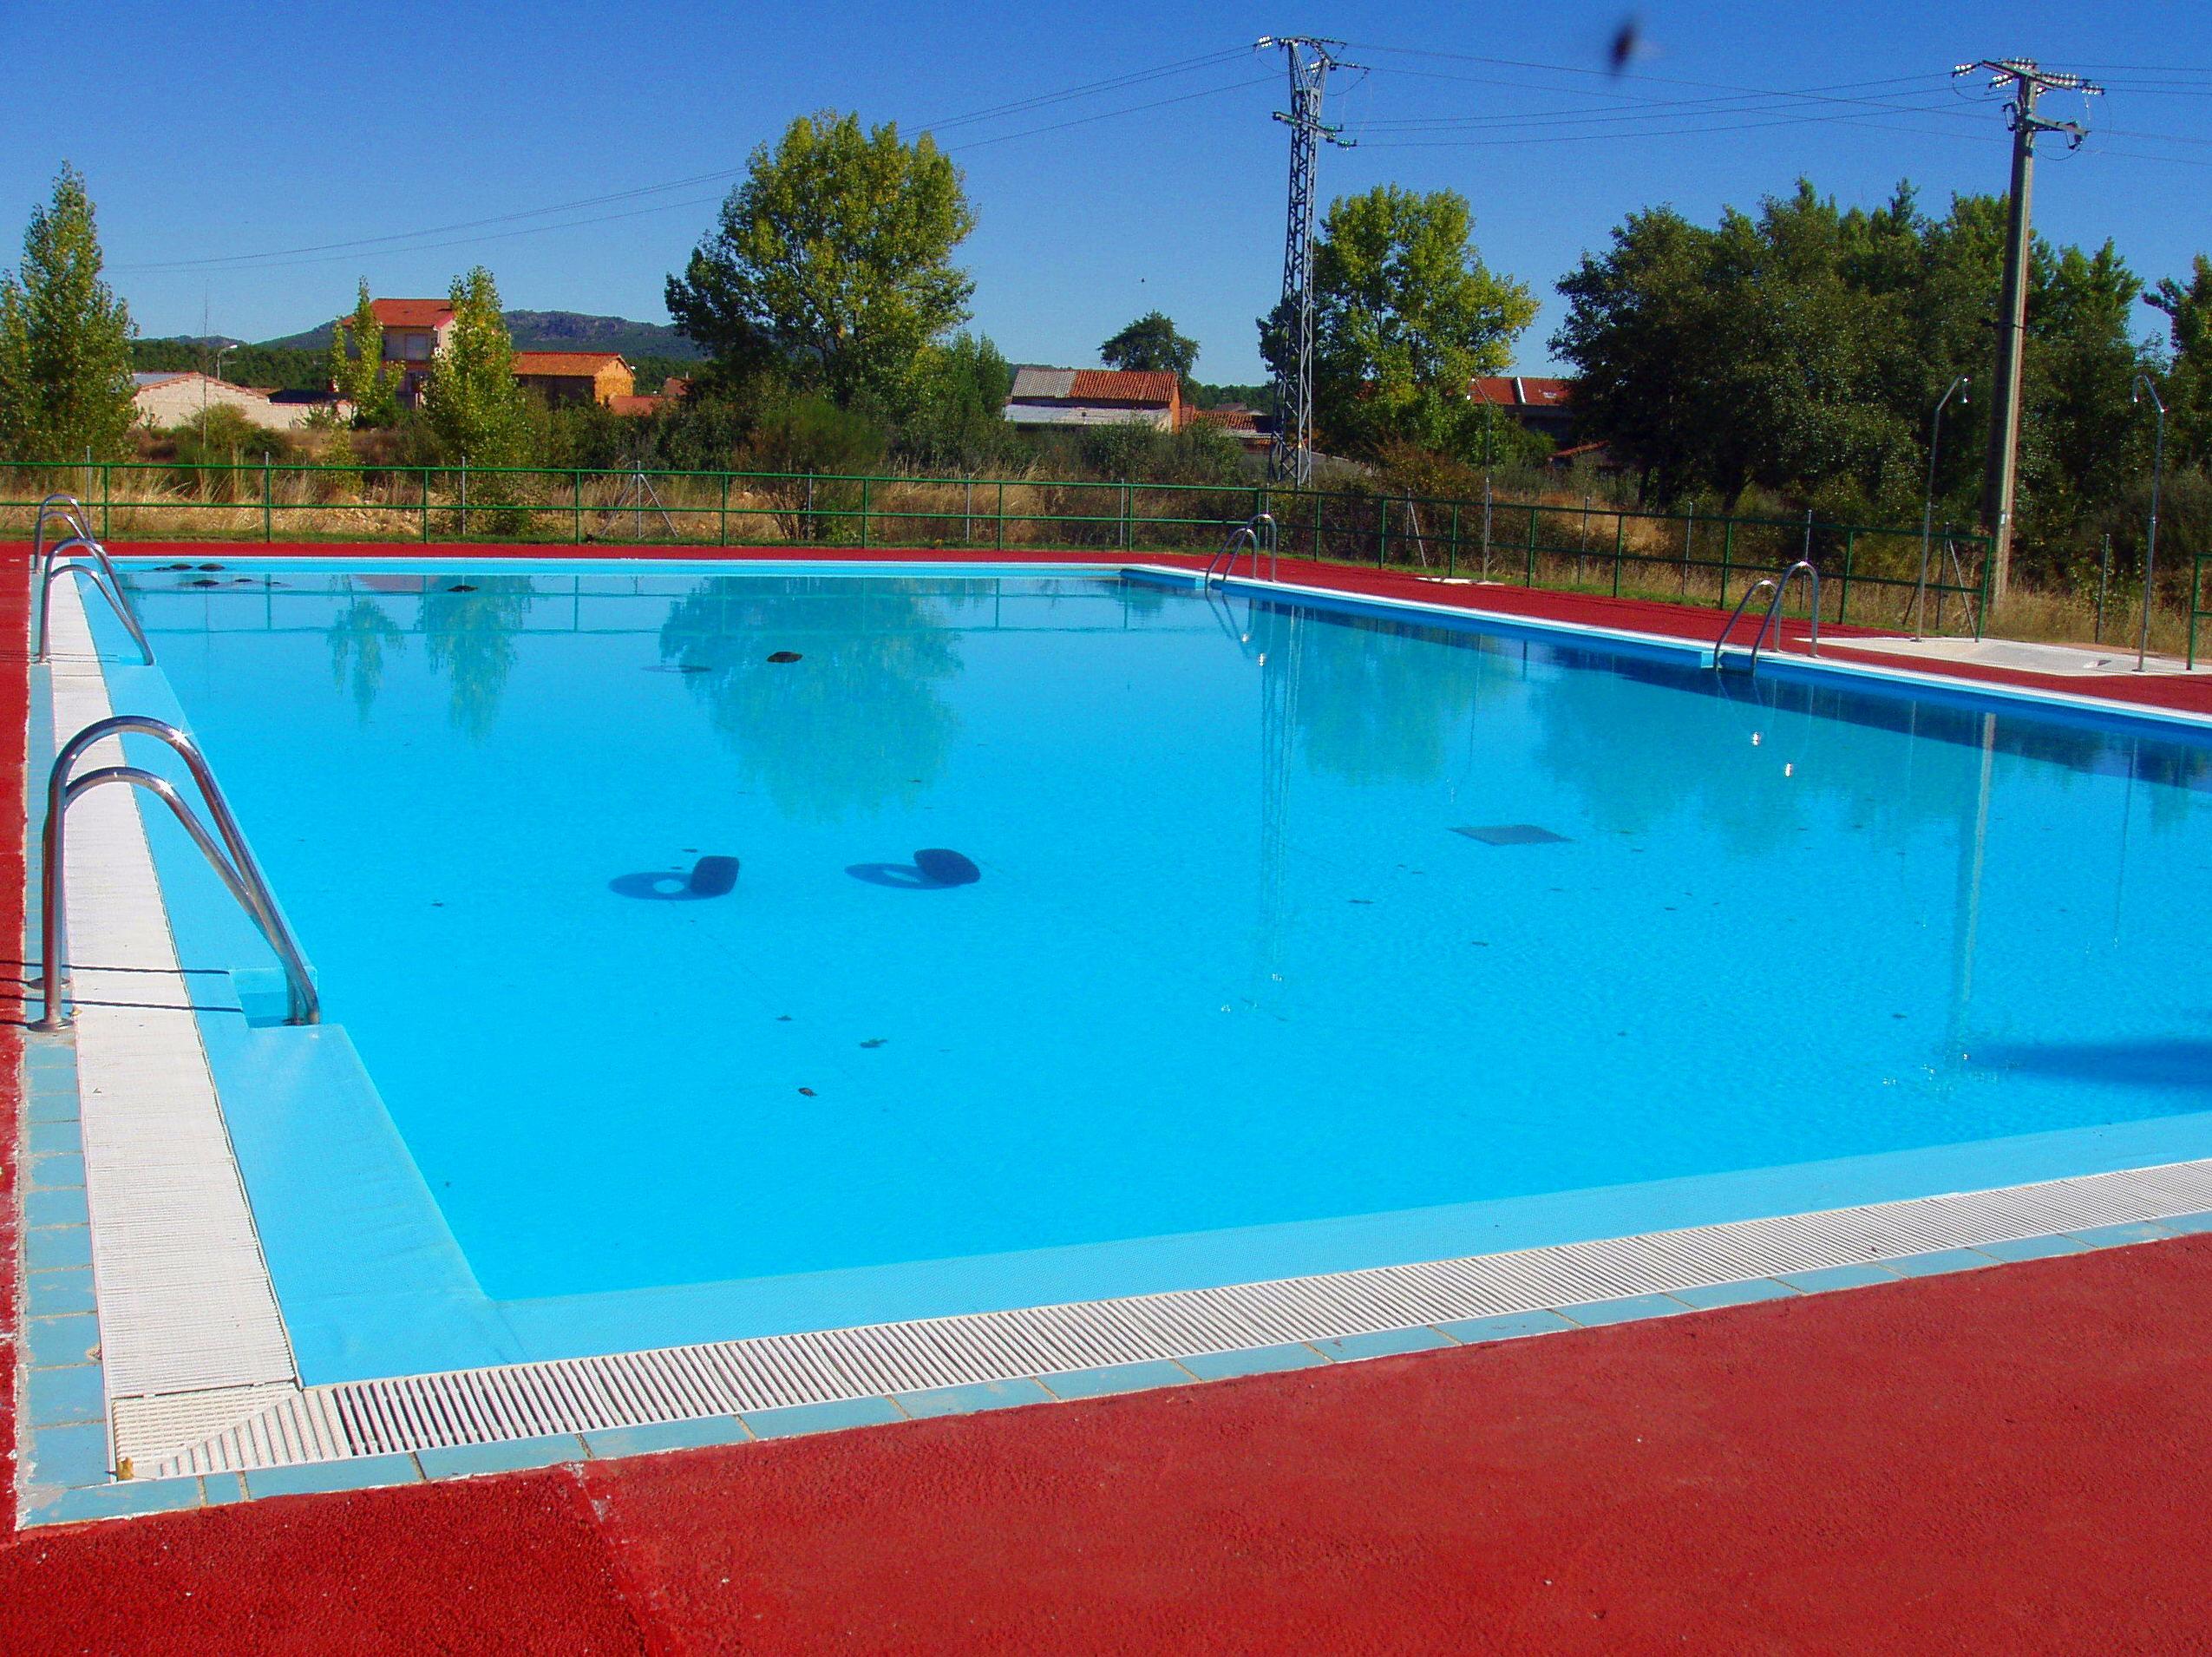 Piscina publica hombre de pie en trampoln en la piscina for Piscinas publicas valencia